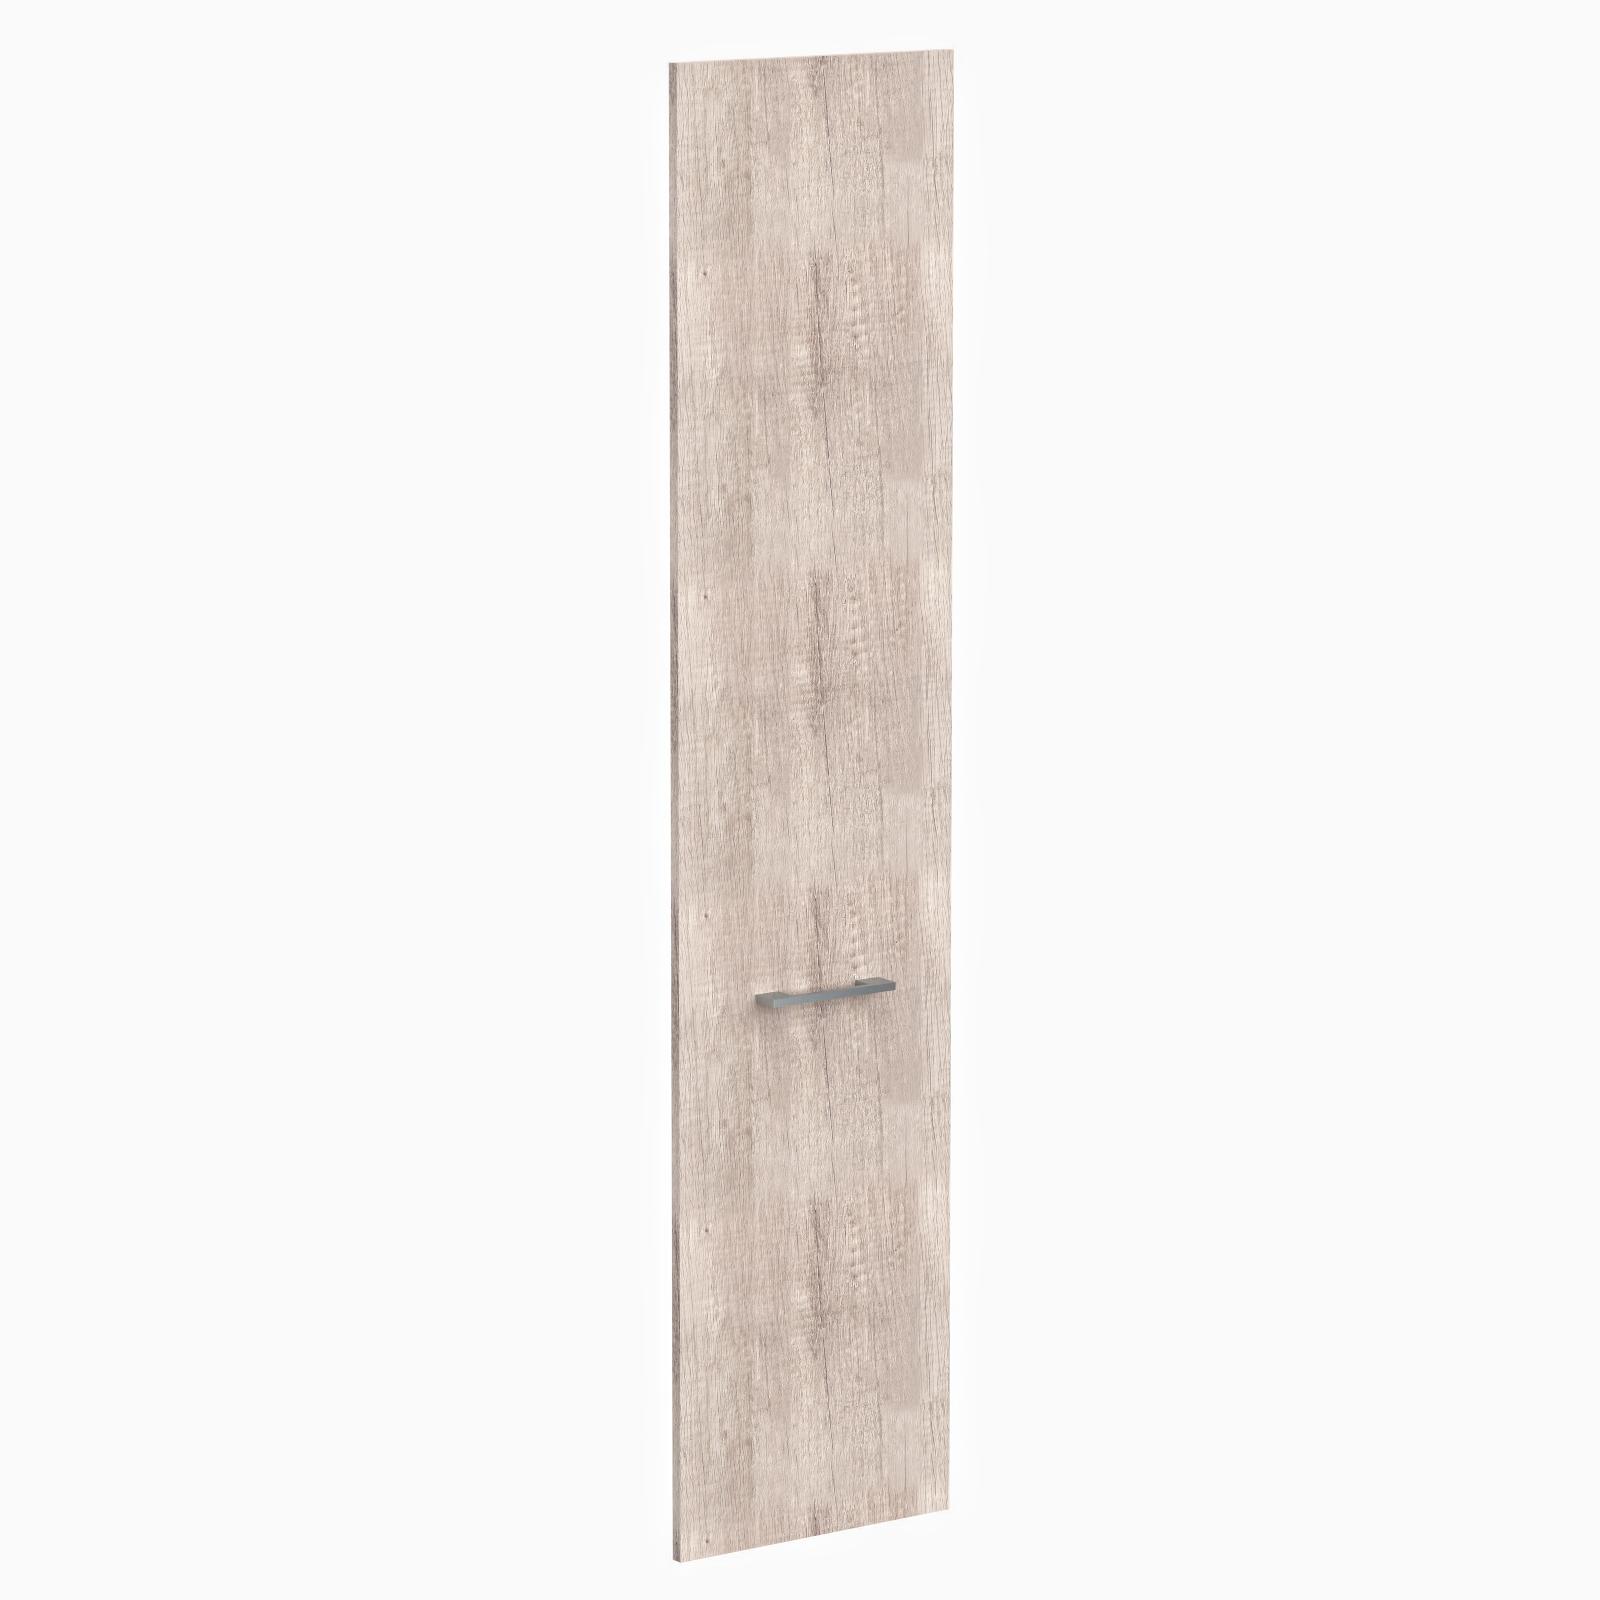 Дверь высокая ЛДСП 422х18х1900